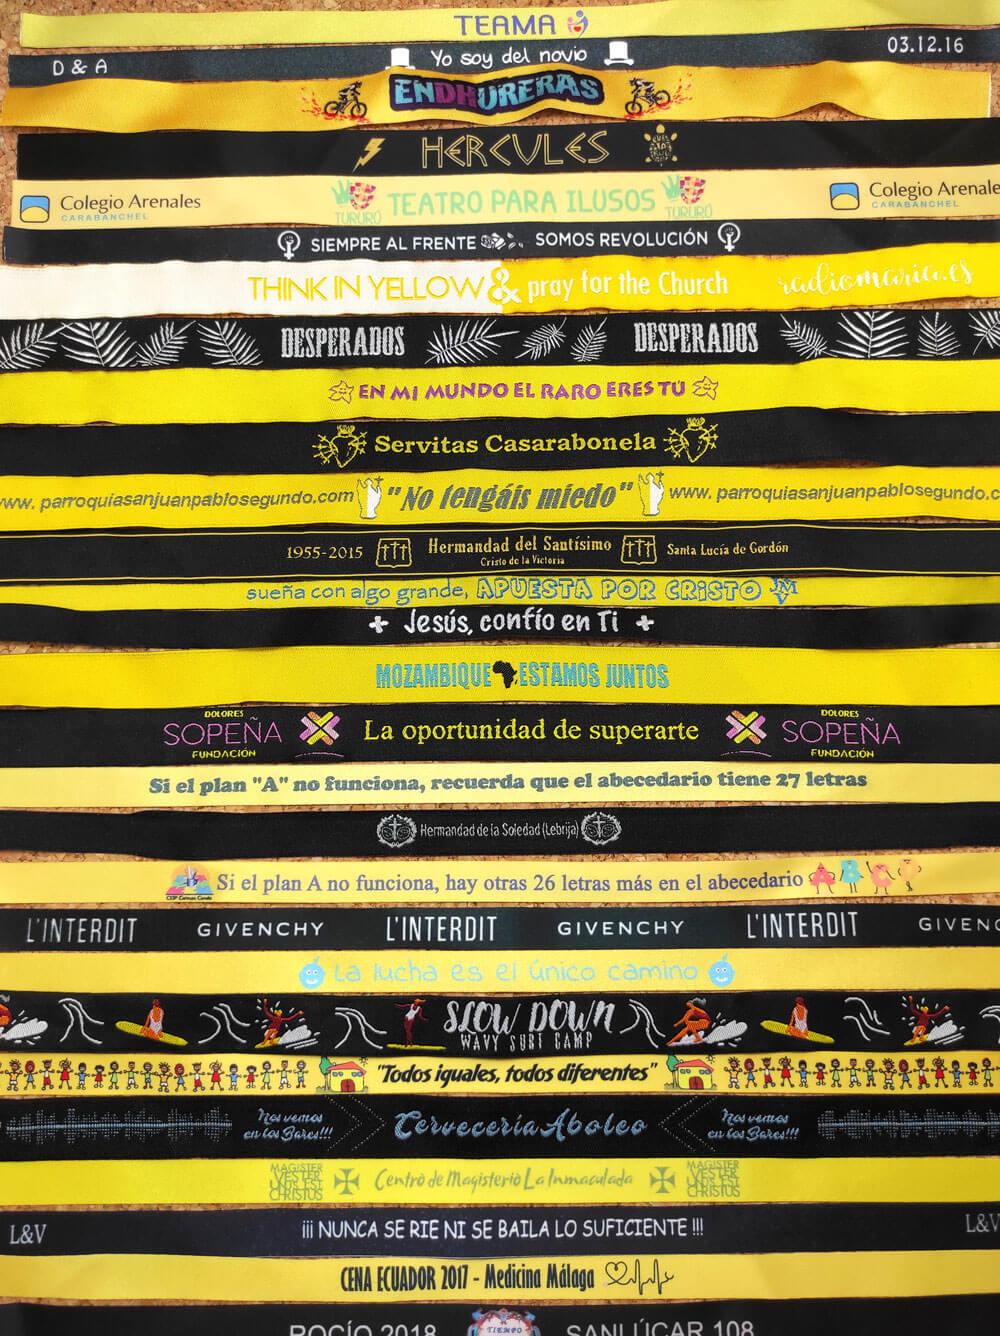 pulseras-de-tela-personalizadas-amarillo-y-negro-me-alegro-dia-de-las-abejas-RM-Ingenia